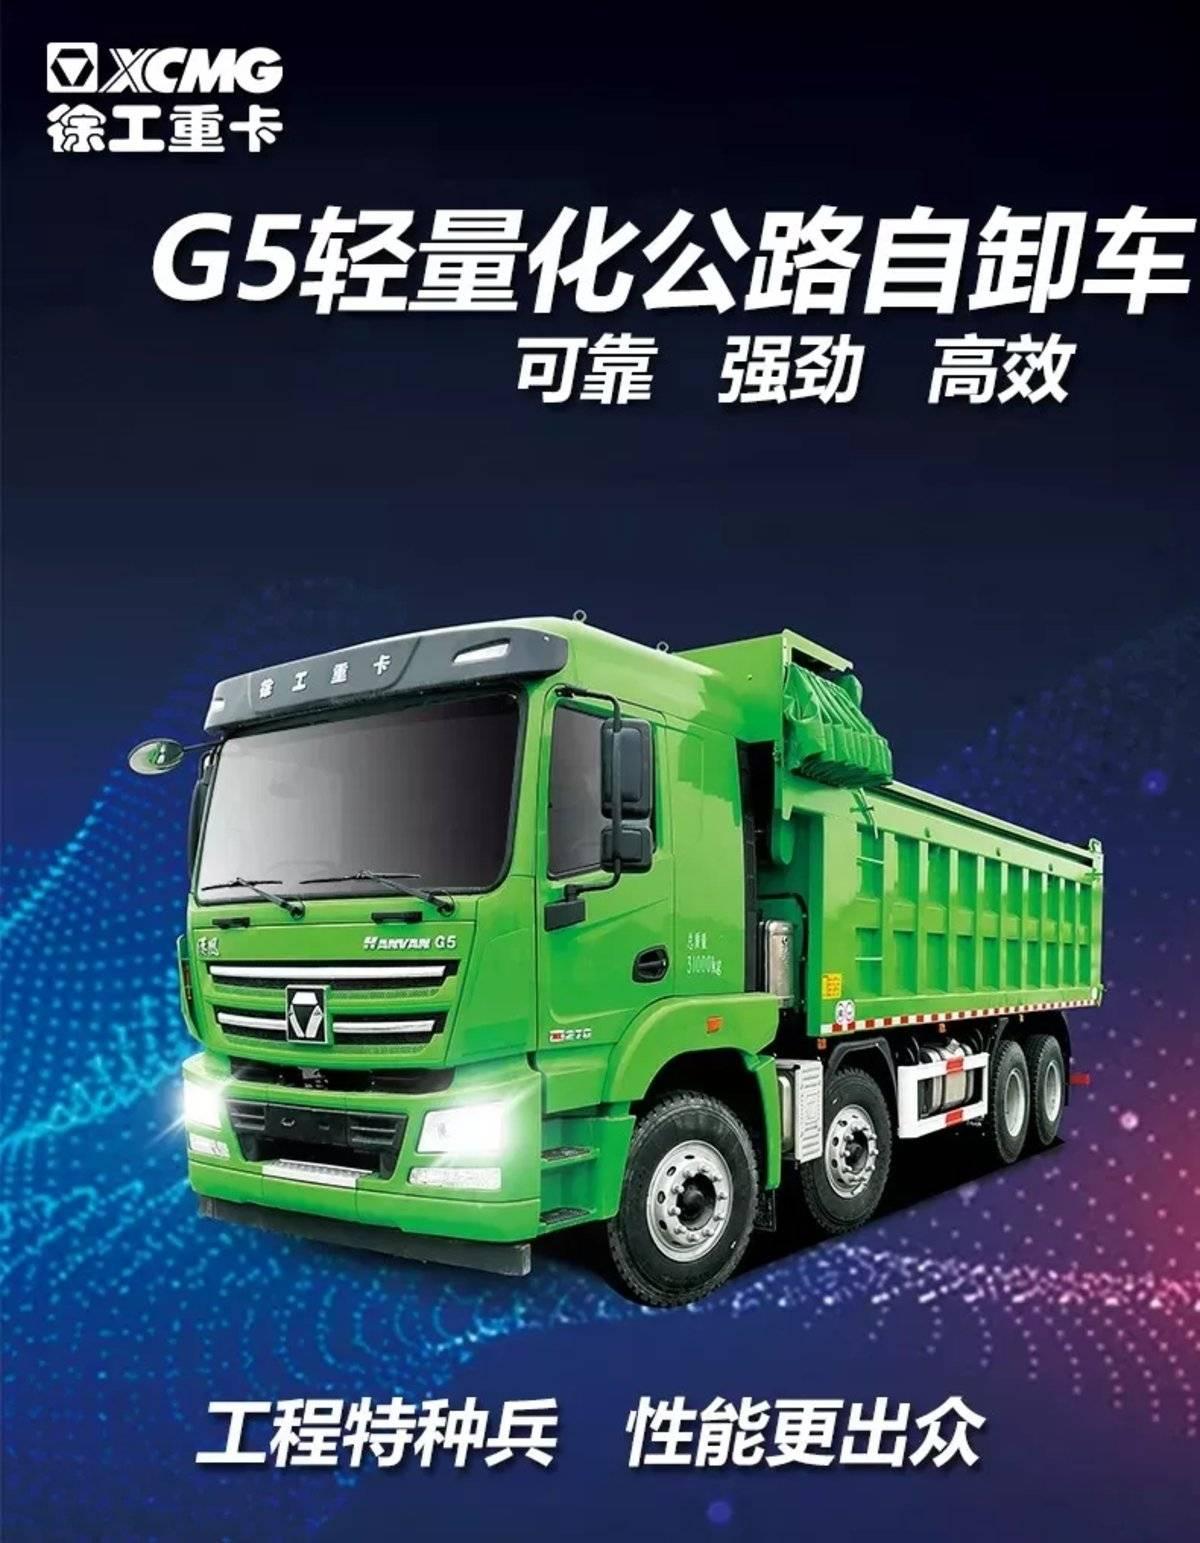 可靠、高效!徐工�h�LG5自卸车再赴山东